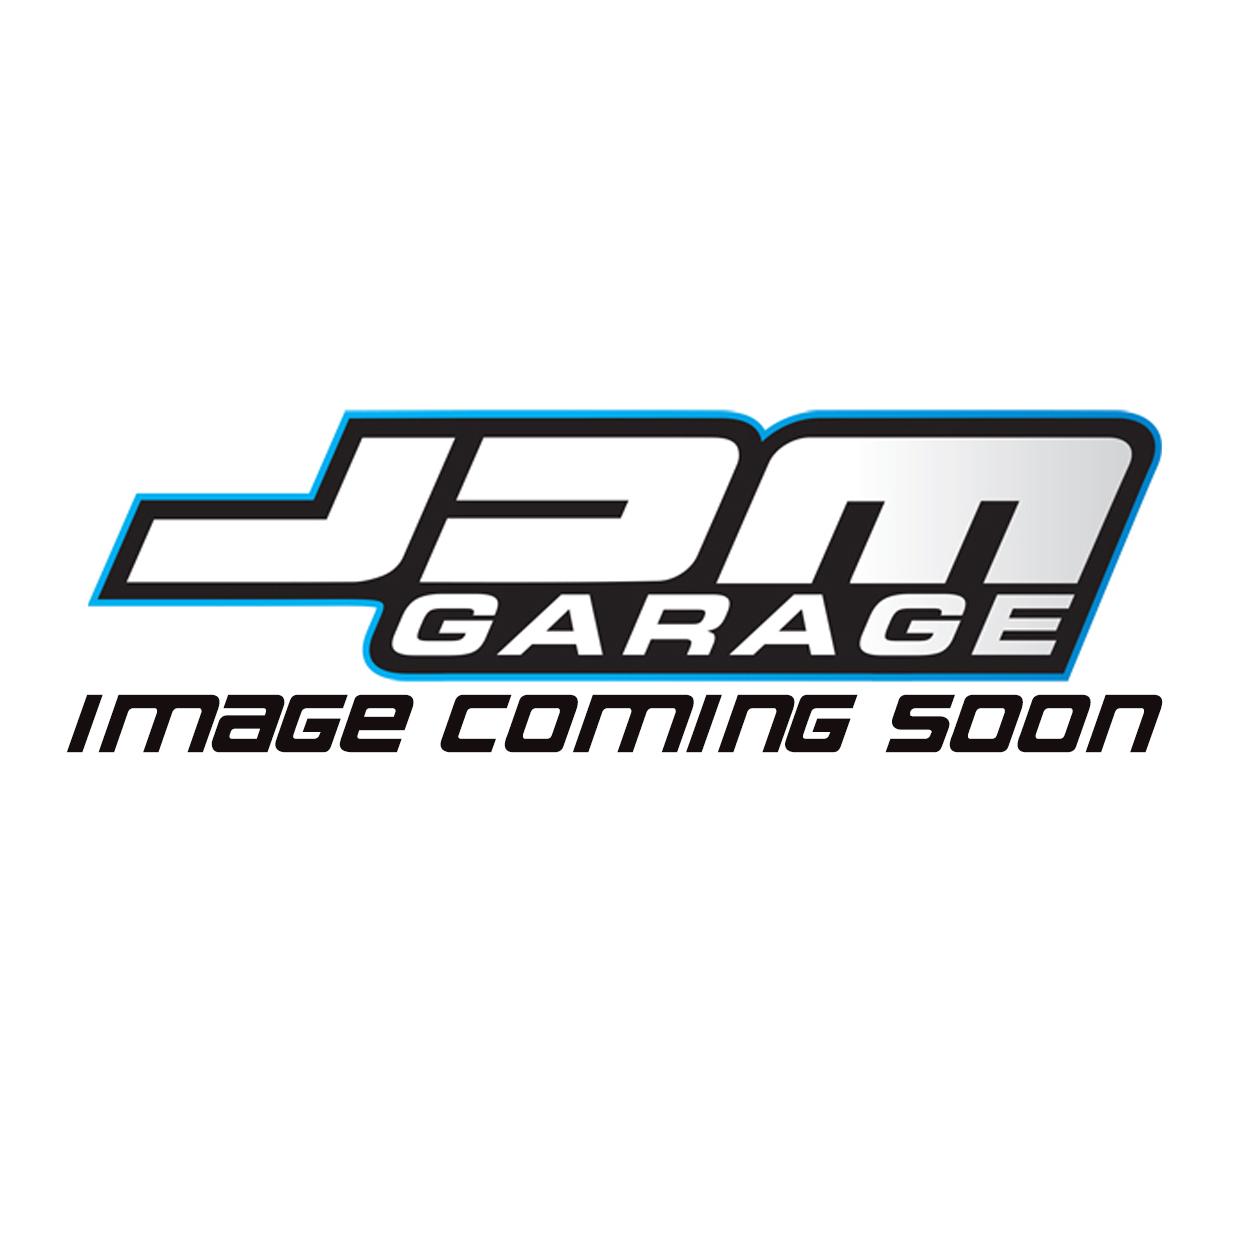 JDM Garage Vintage Trucker Snap Back Cap - Black / Black Mesh